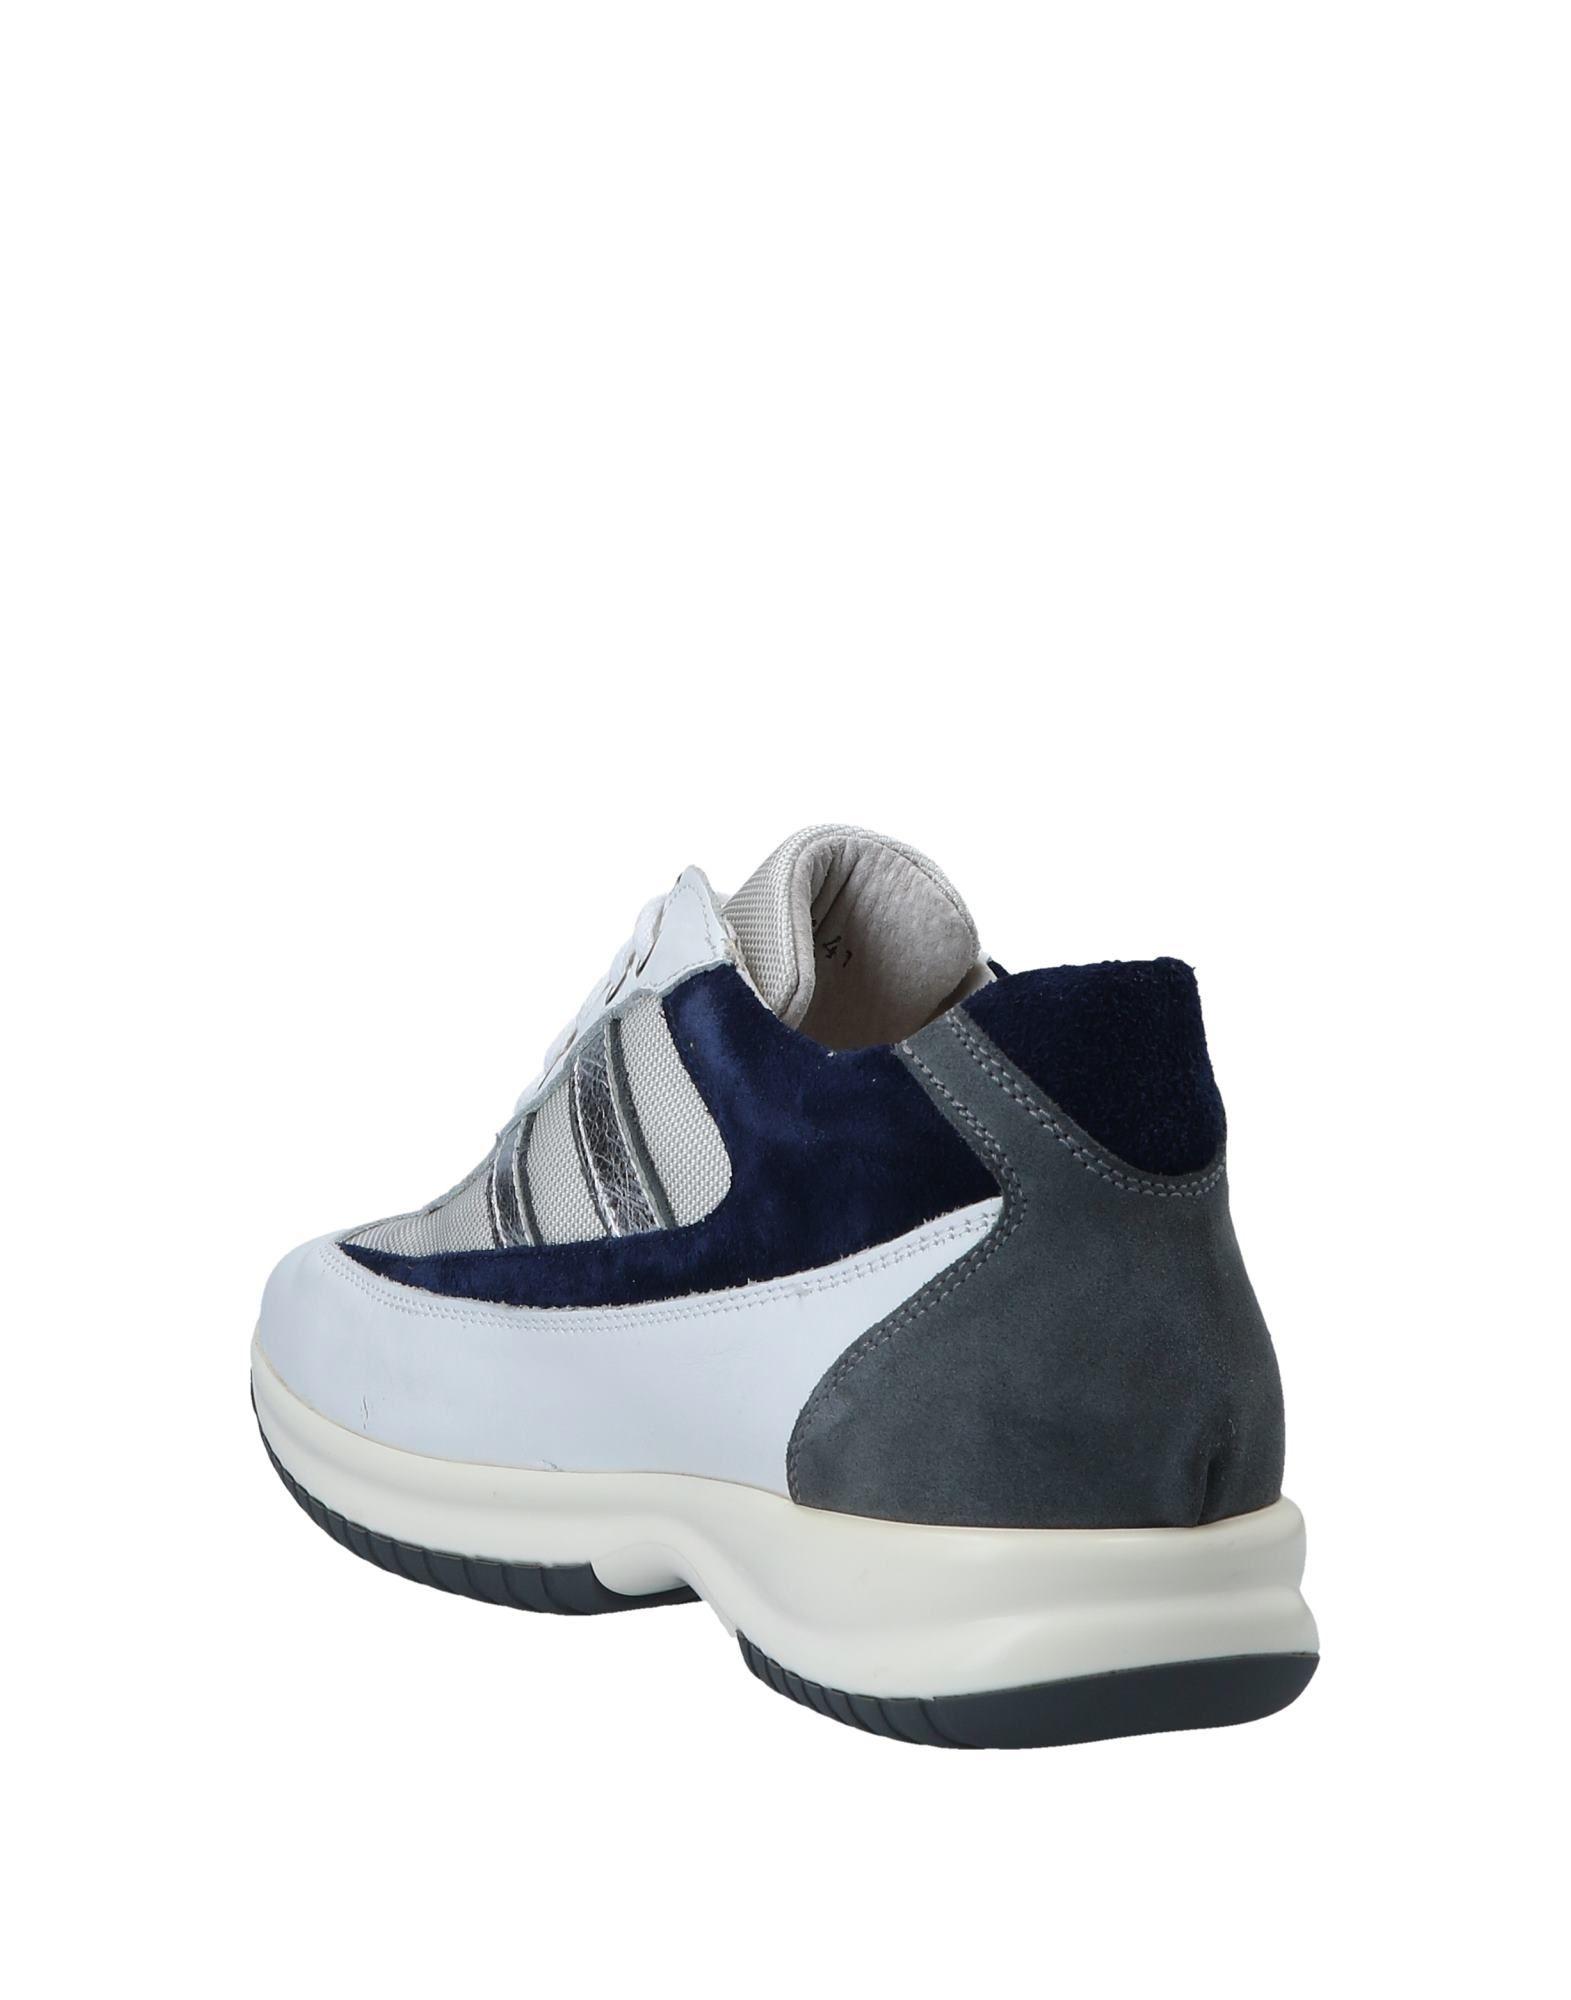 Rabatt echte Herren Schuhe Salvo Barone Sneakers Herren echte  11557208RM e418f5